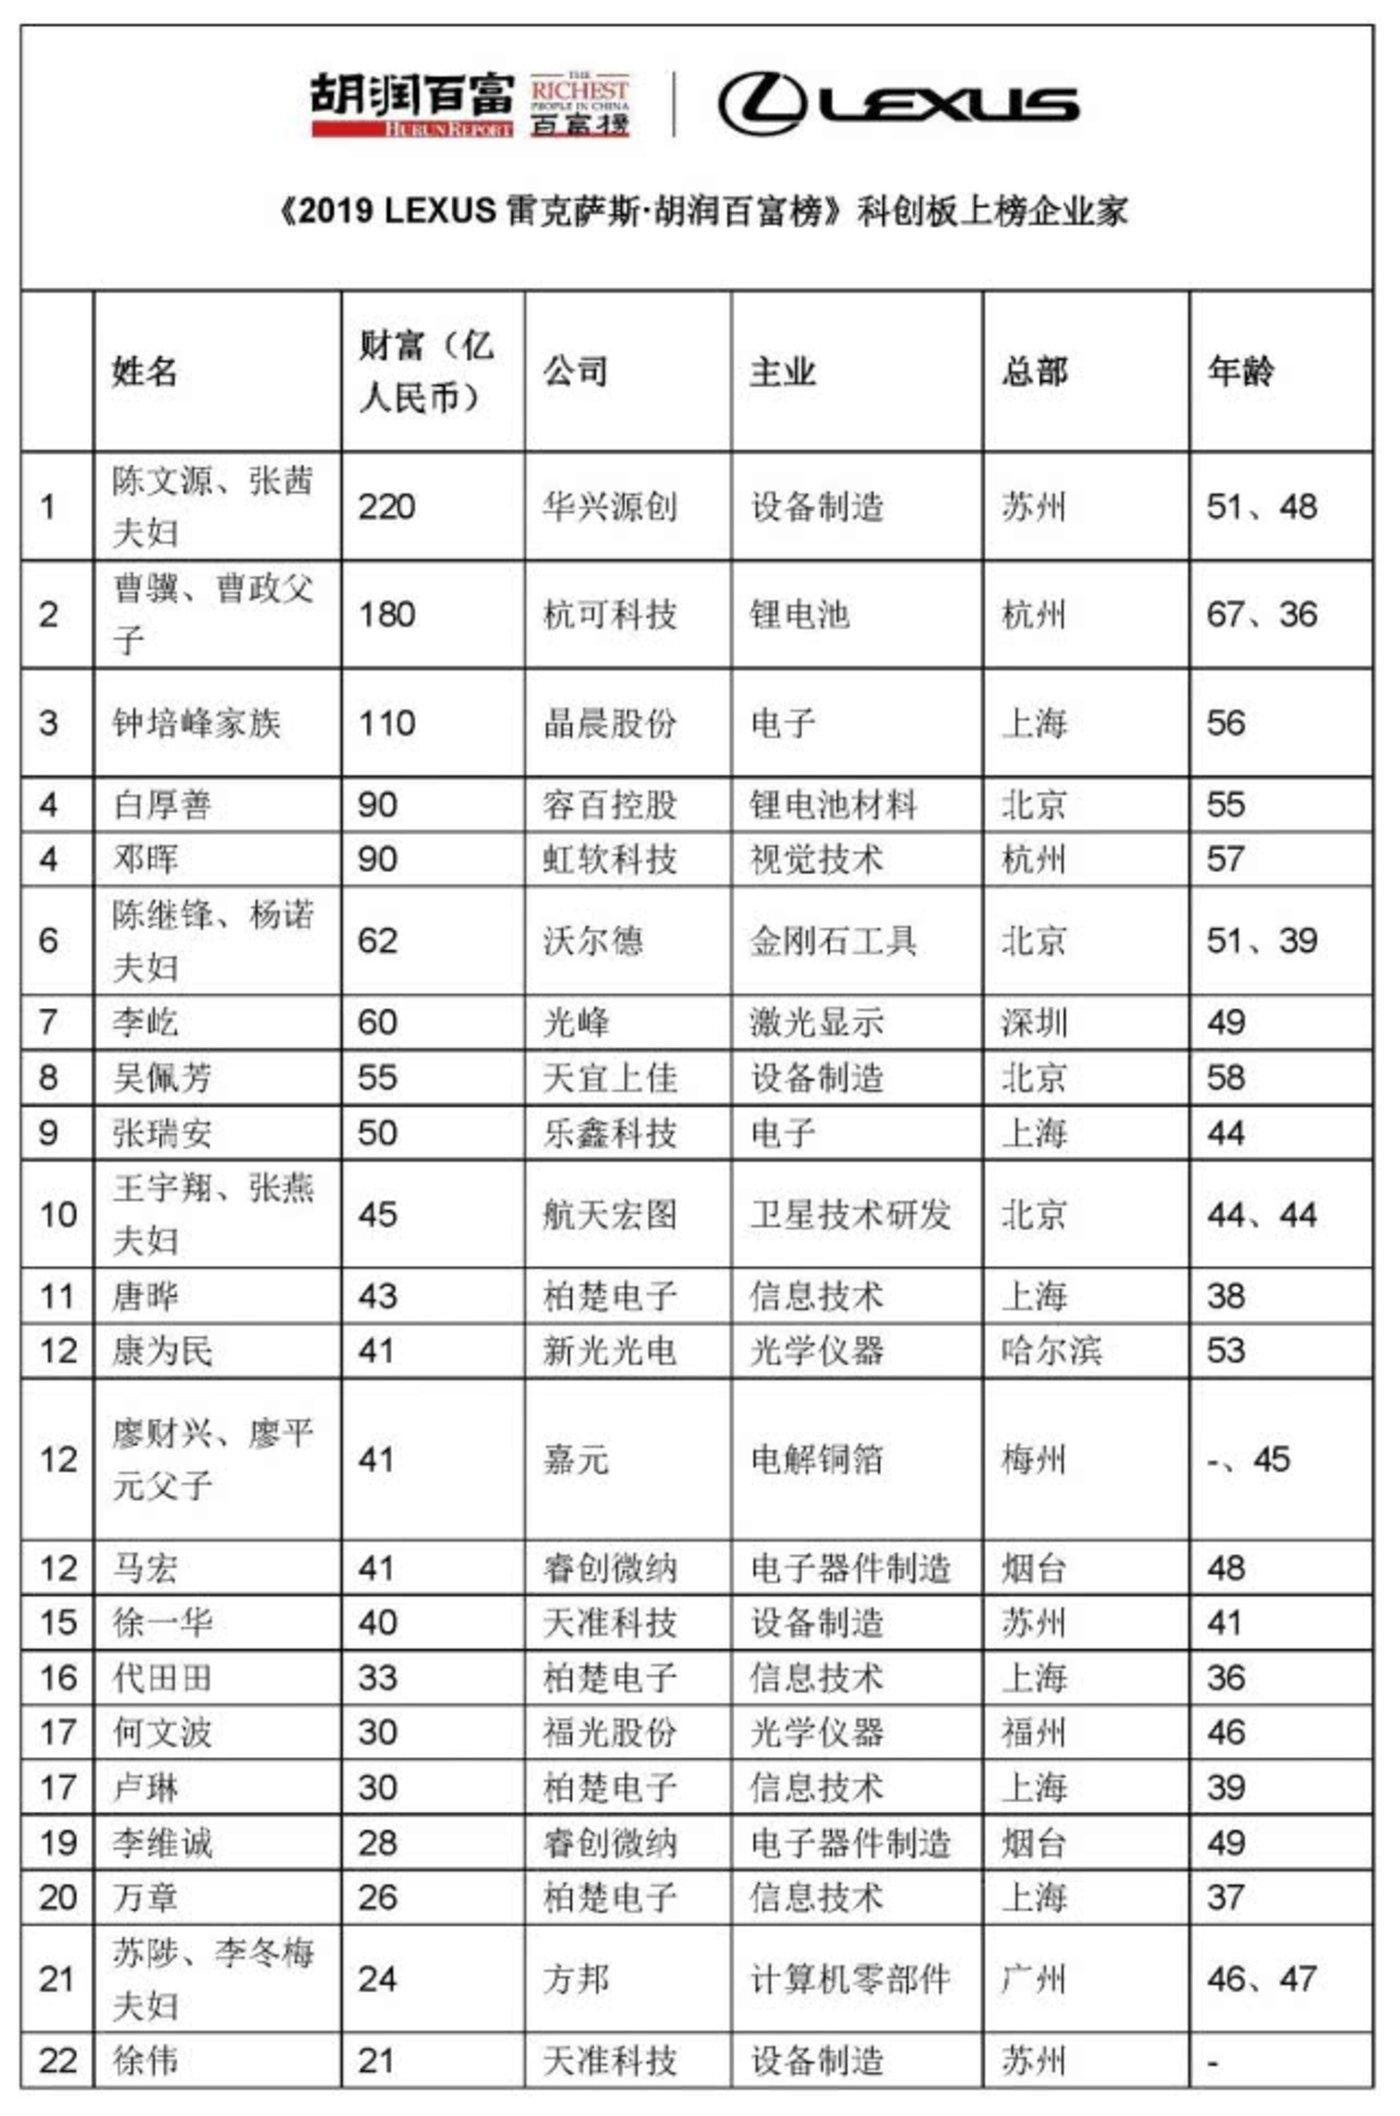 2019胡润百富榜之科创板上榜企业家